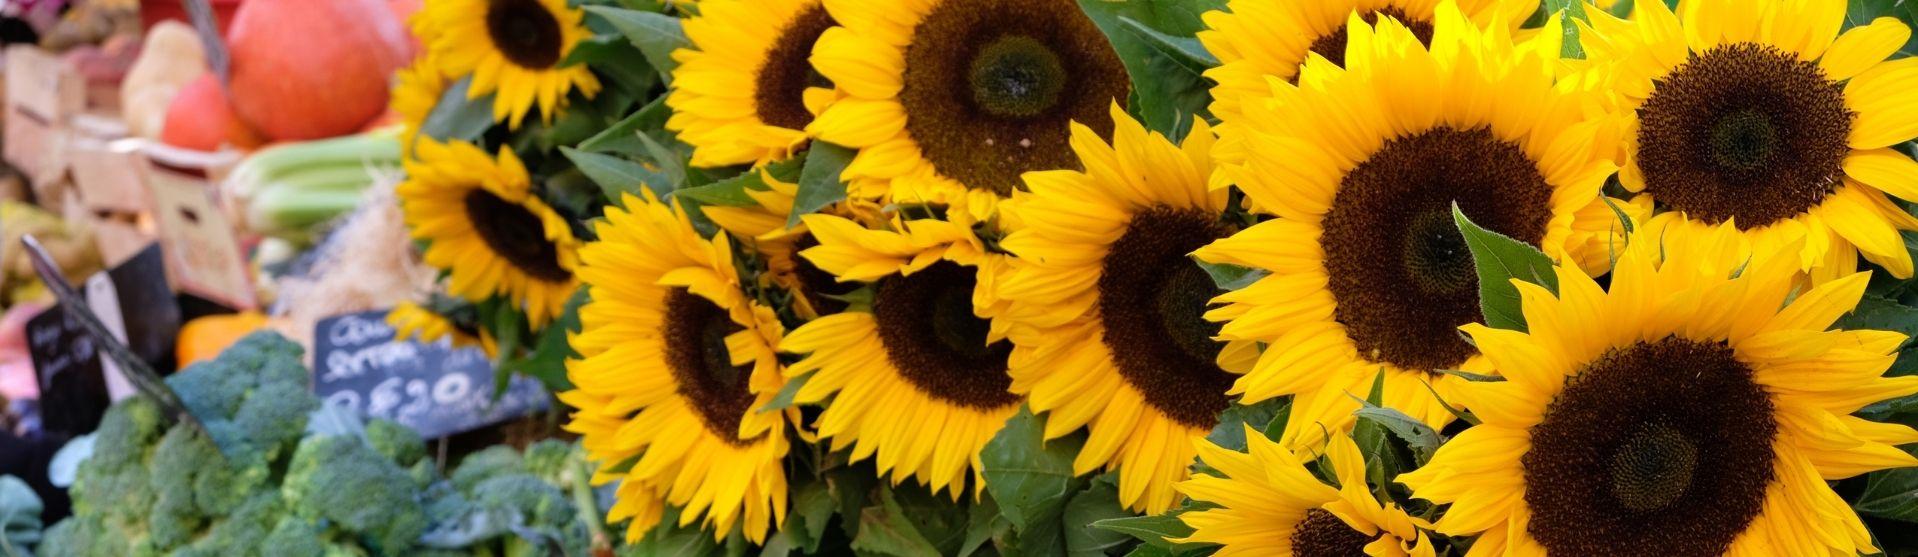 Sunflowers in Farmers market